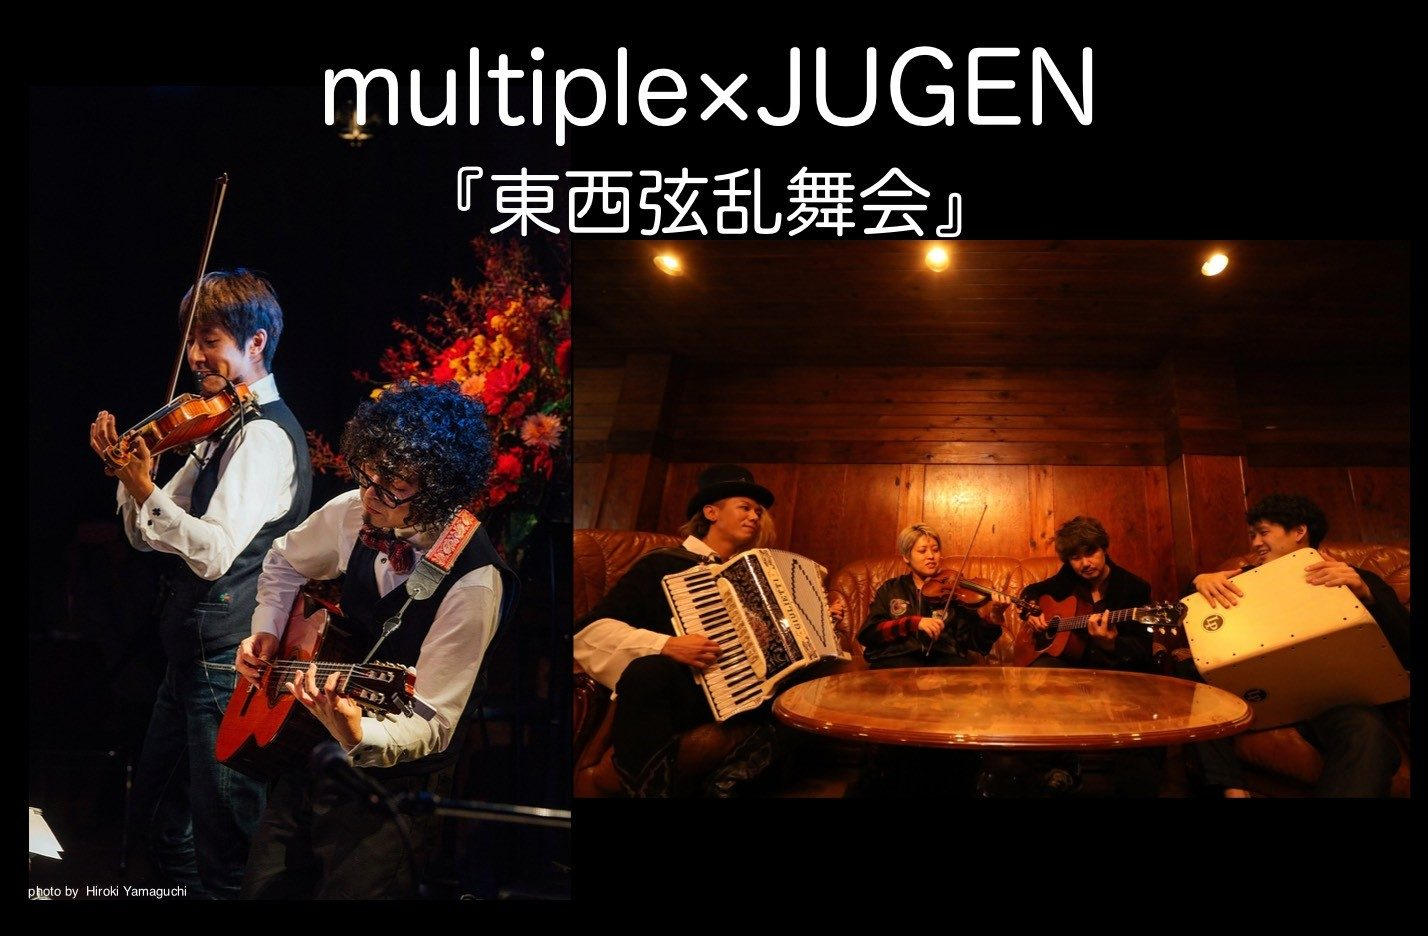 JUGEN & multiple   「東西弦乱舞会」